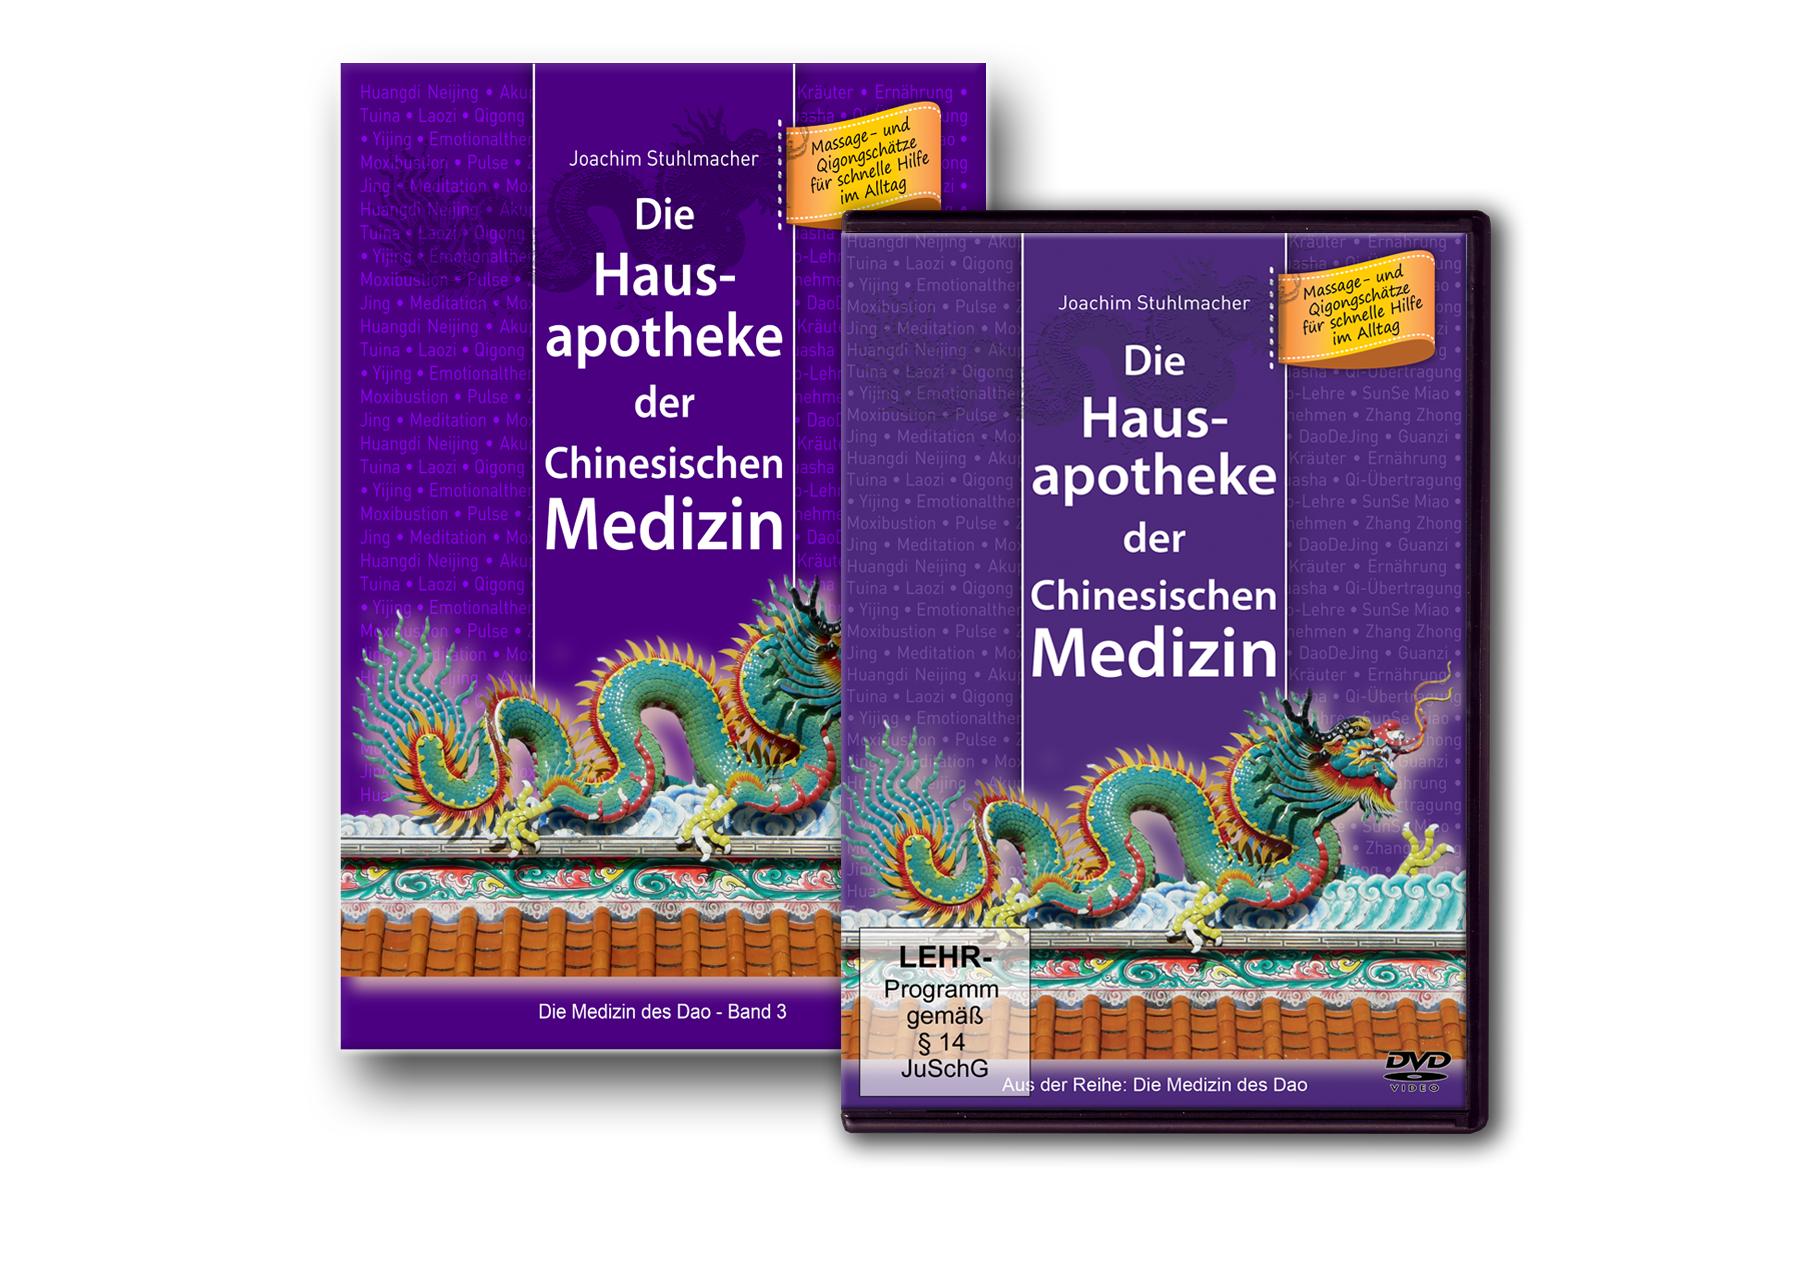 Die Hausapotheke der Chinesischen Medizin (Buch und DVD)